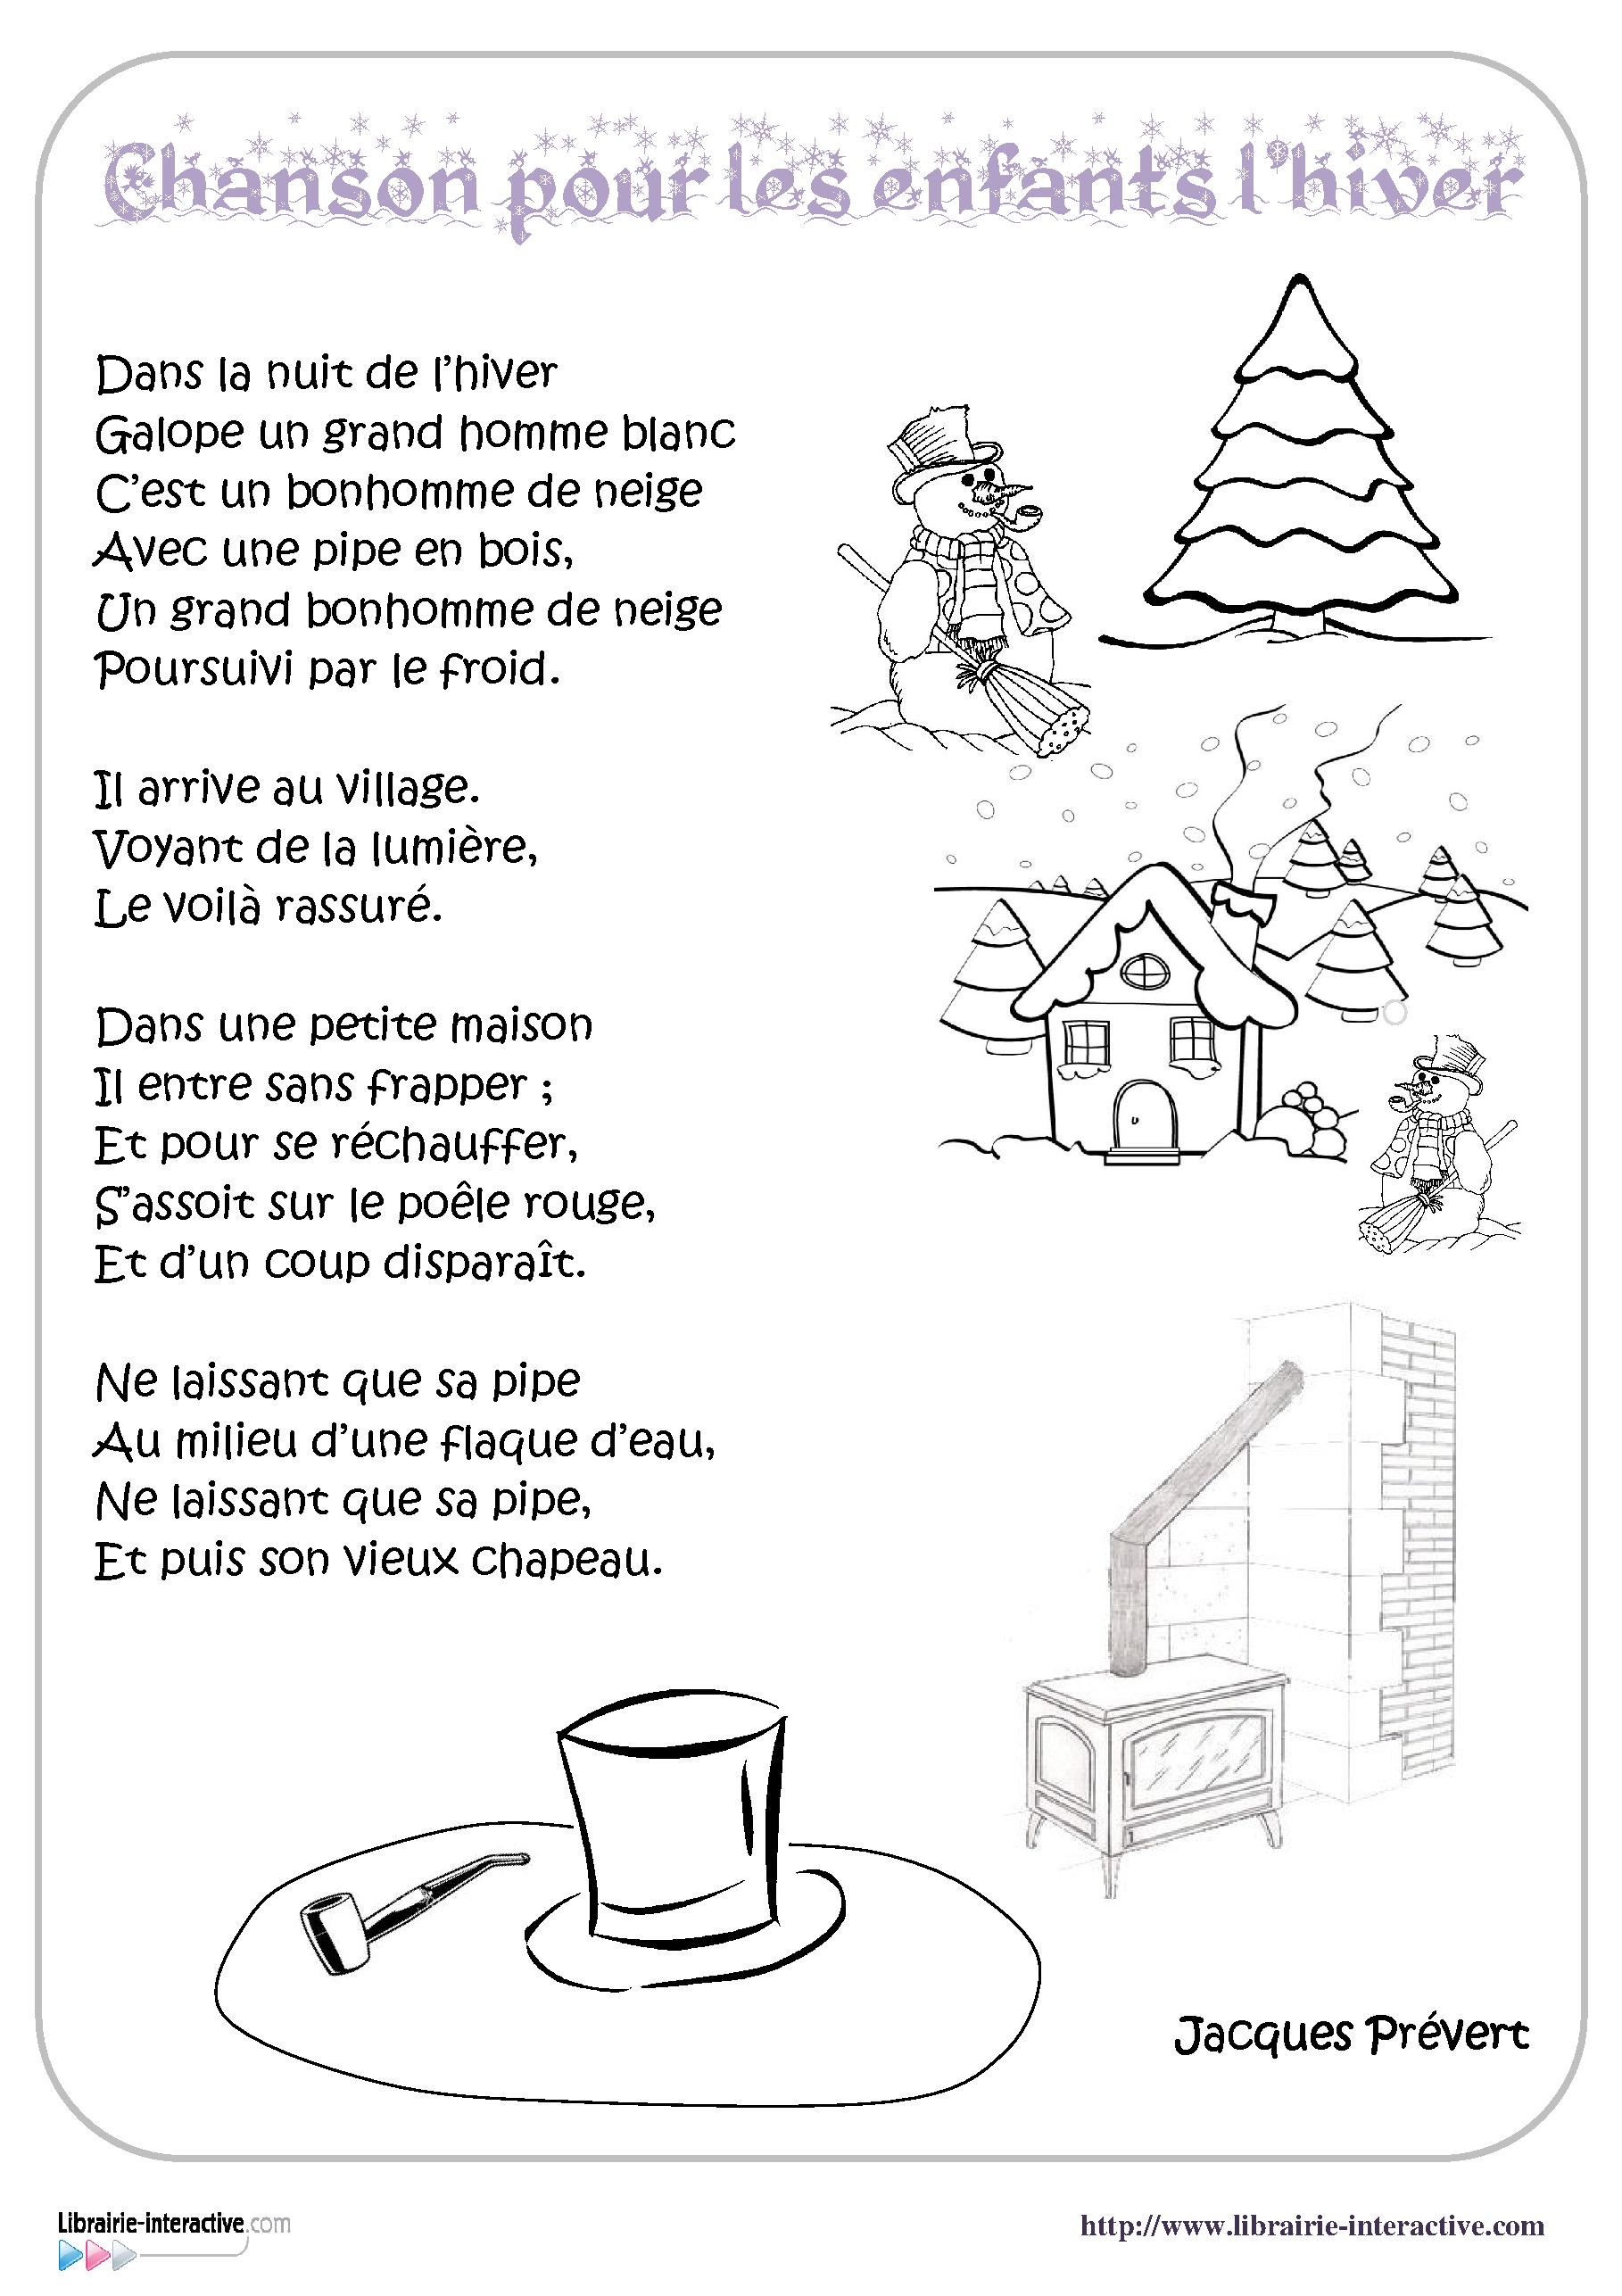 Librairie Interactive Chanson Pour Les Enfants L Hiver Chanson Pour Anniversaire Chanson Comptine Hiver